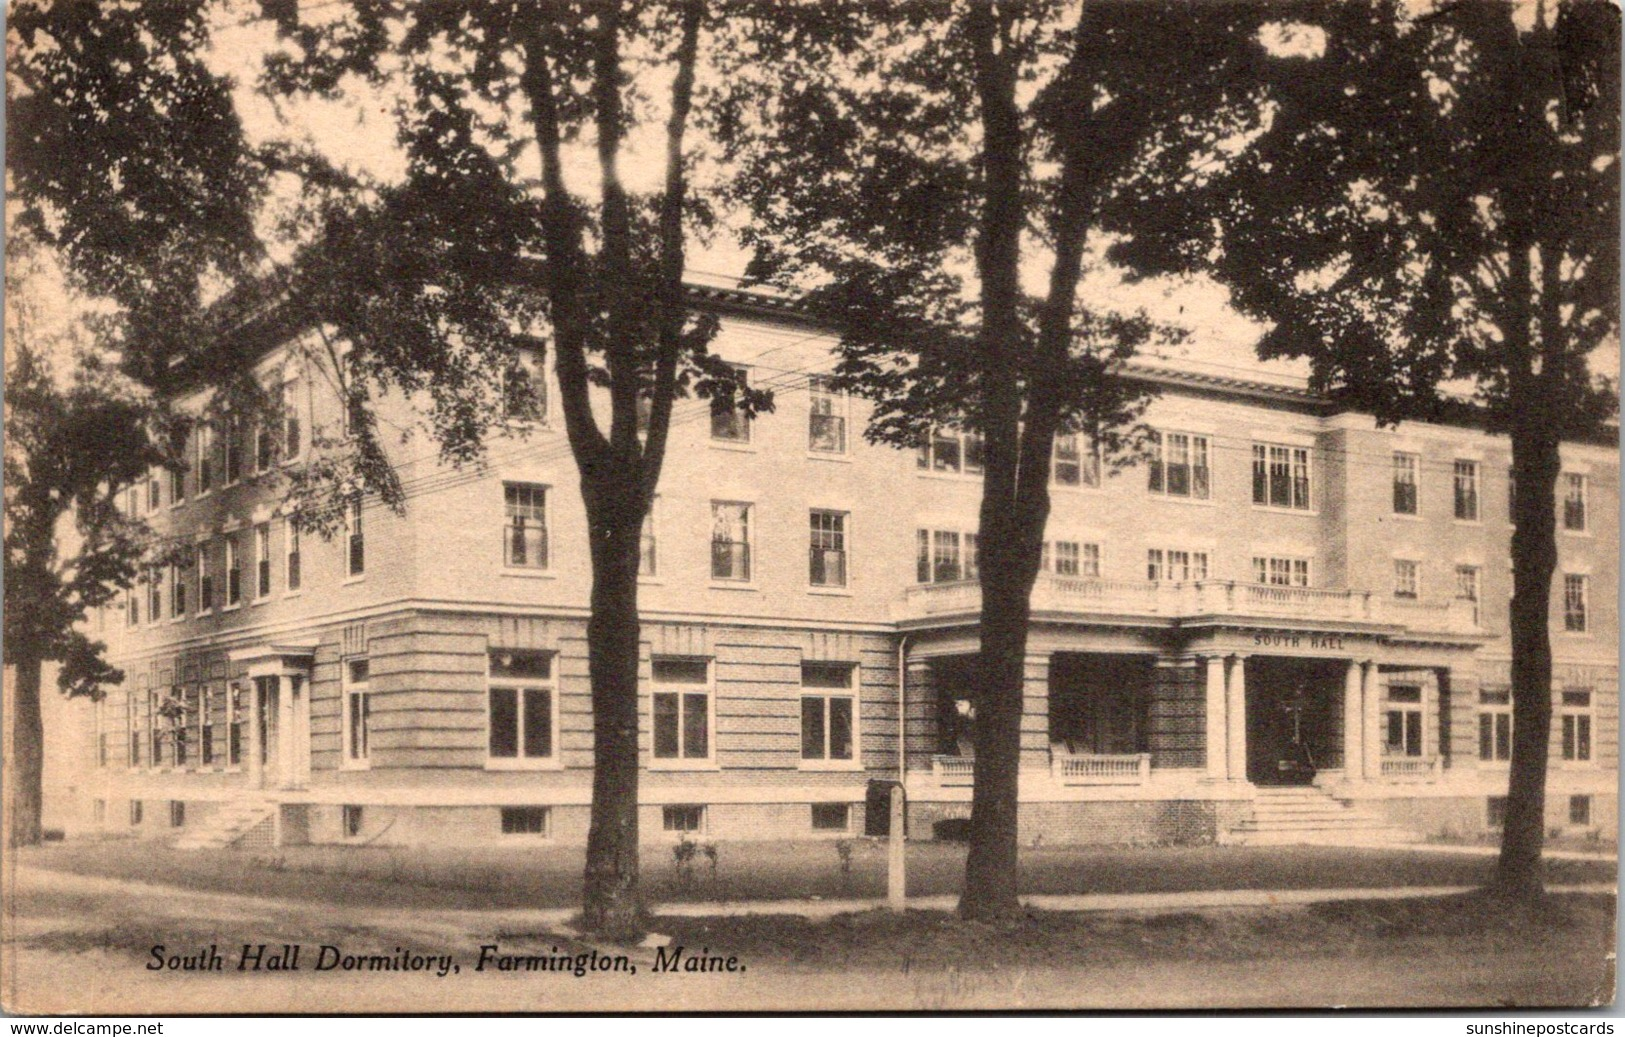 Maine Farmington South Hall Dormitory